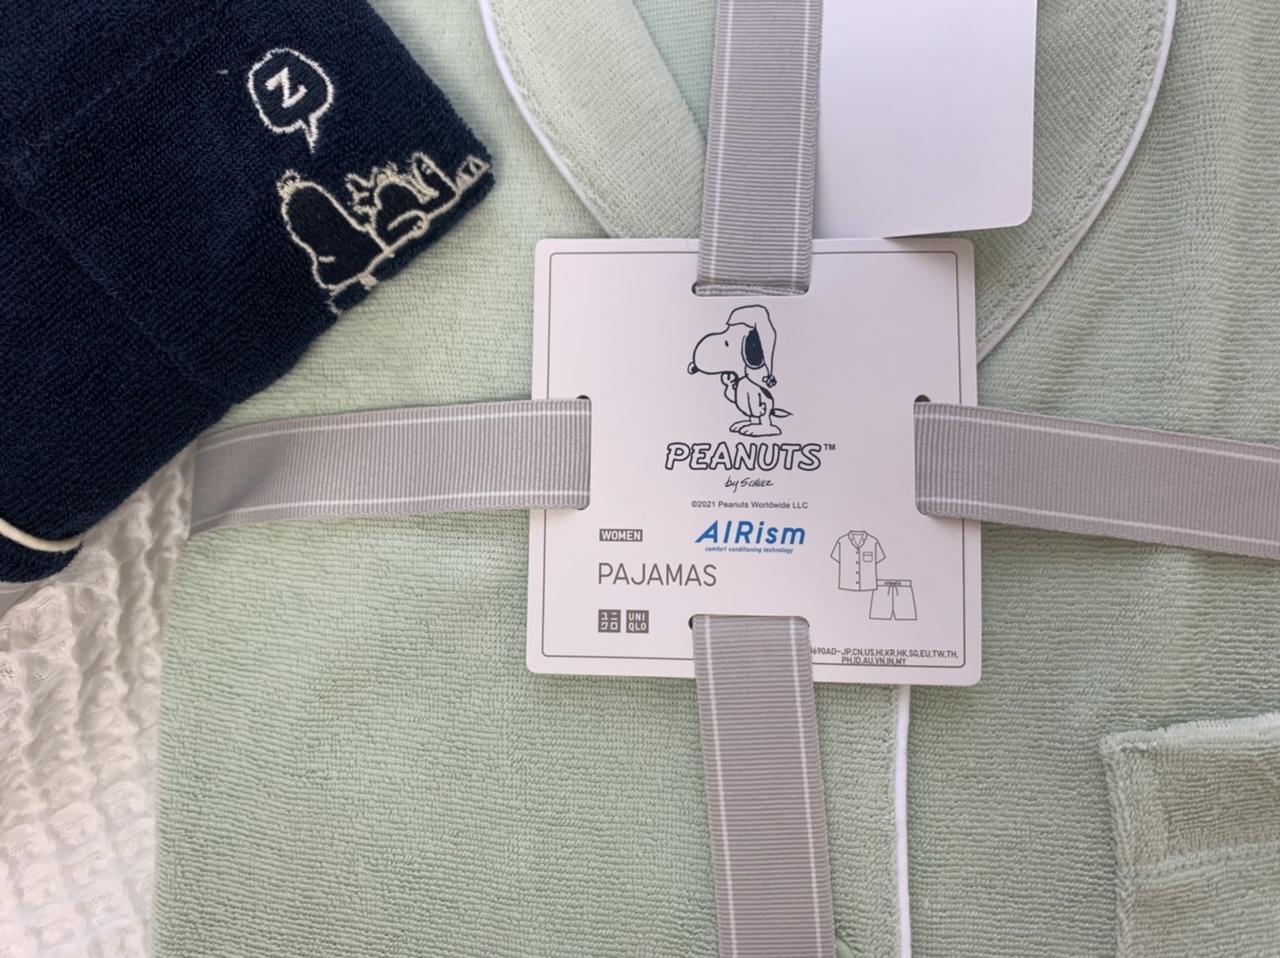 【UNIQLO】PEANUTSエアリズムパイルパジャマで夏のおうち時間をかわいく快適に♡_6